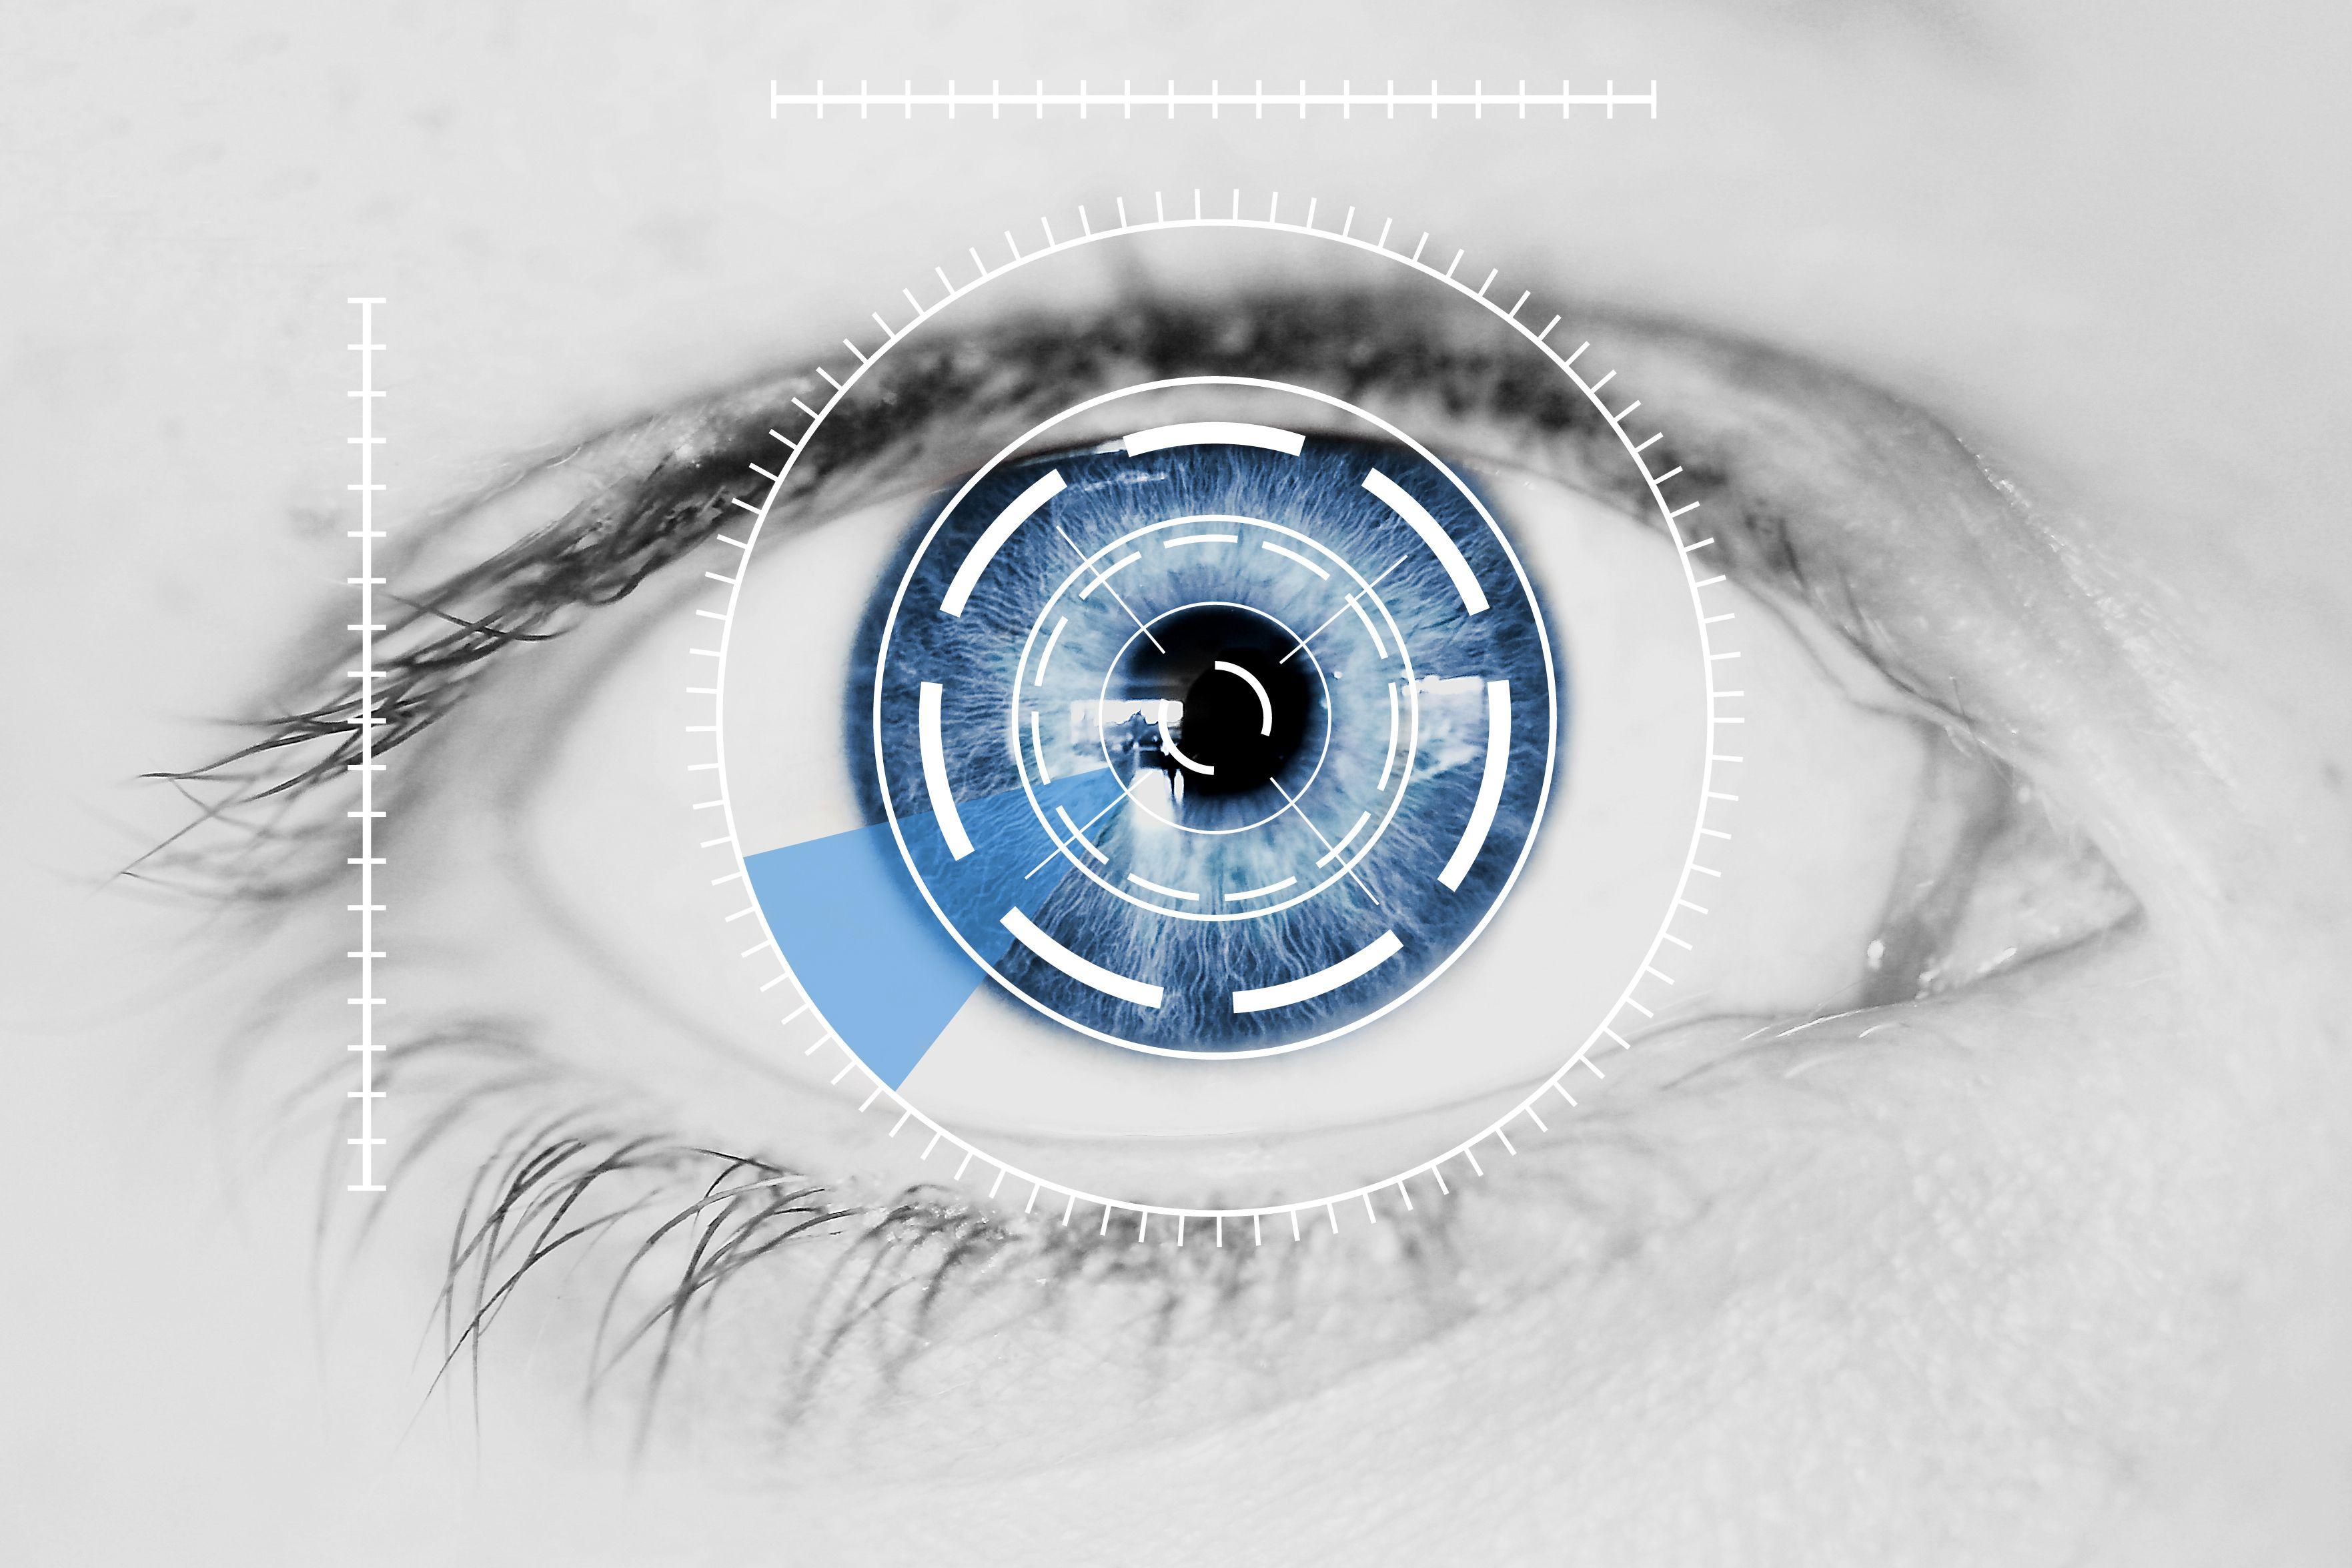 Fabricación de prótesis oculares a medida: Servicios de Óptica Galileo